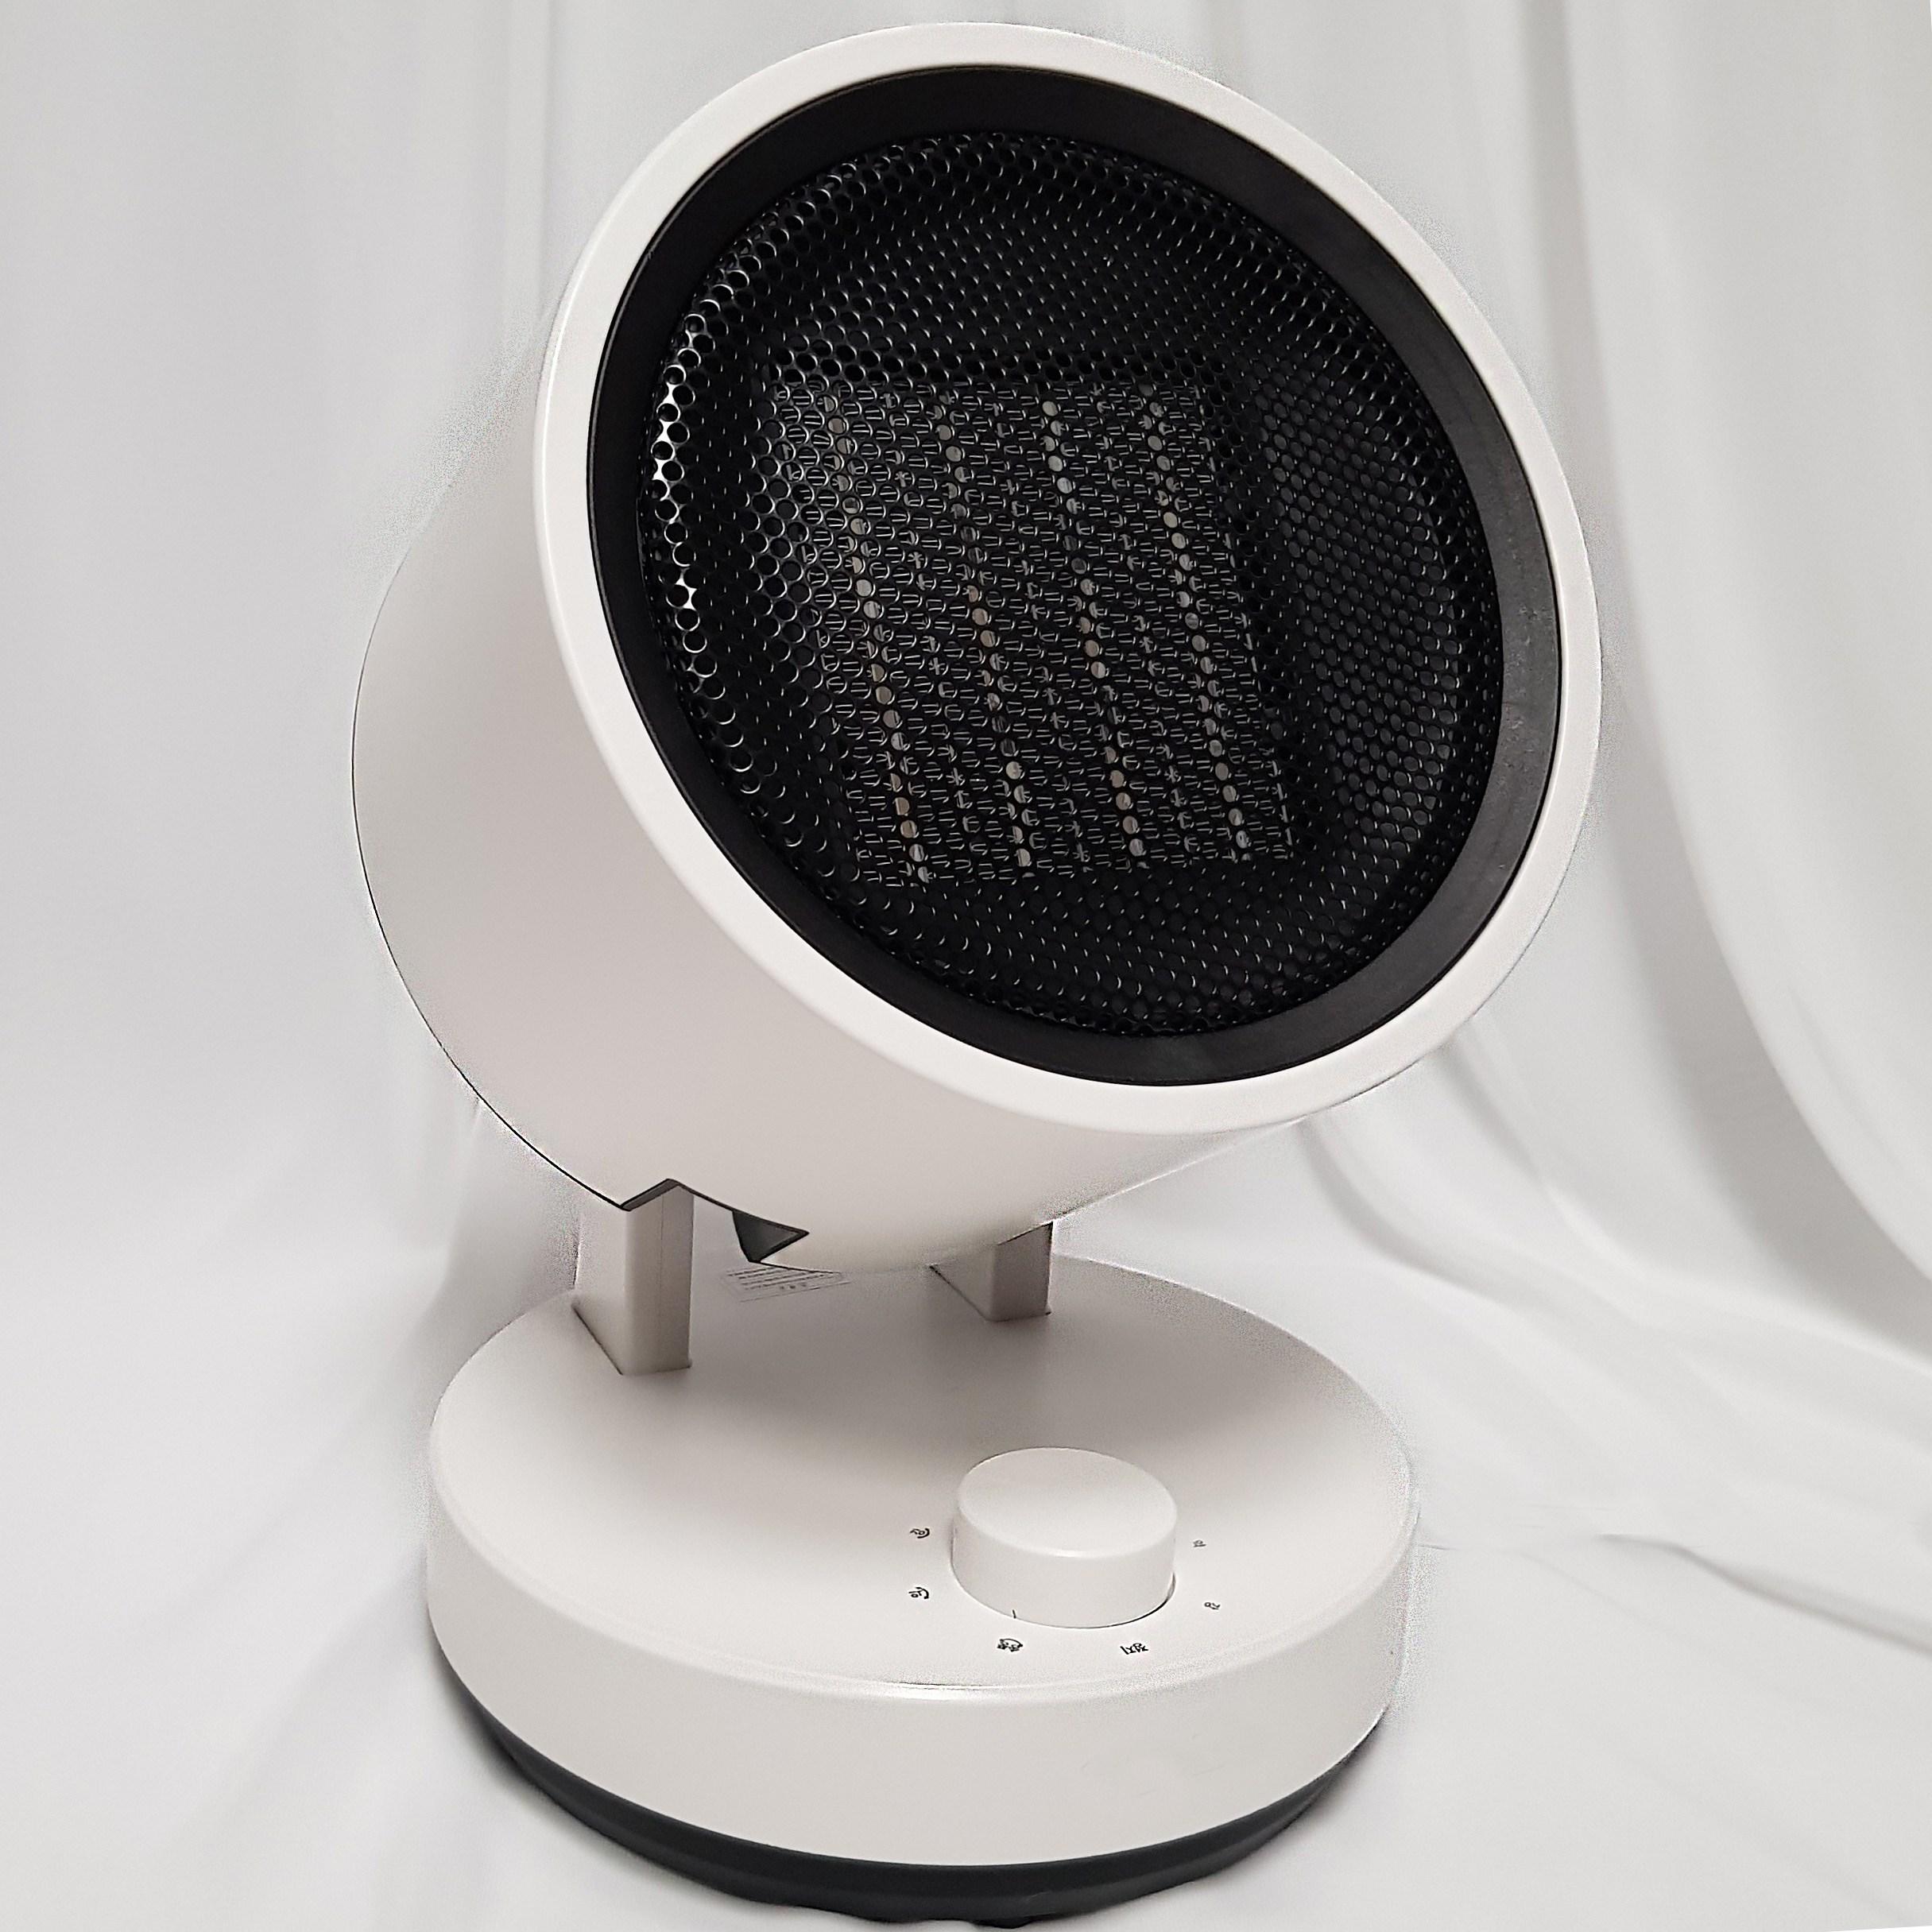 따숨숨 캠핑용 온풍기 가정용 히터 팬히터 PTC 전기 미니 원룸 아기 화장실 욕실 온열기, 화이트